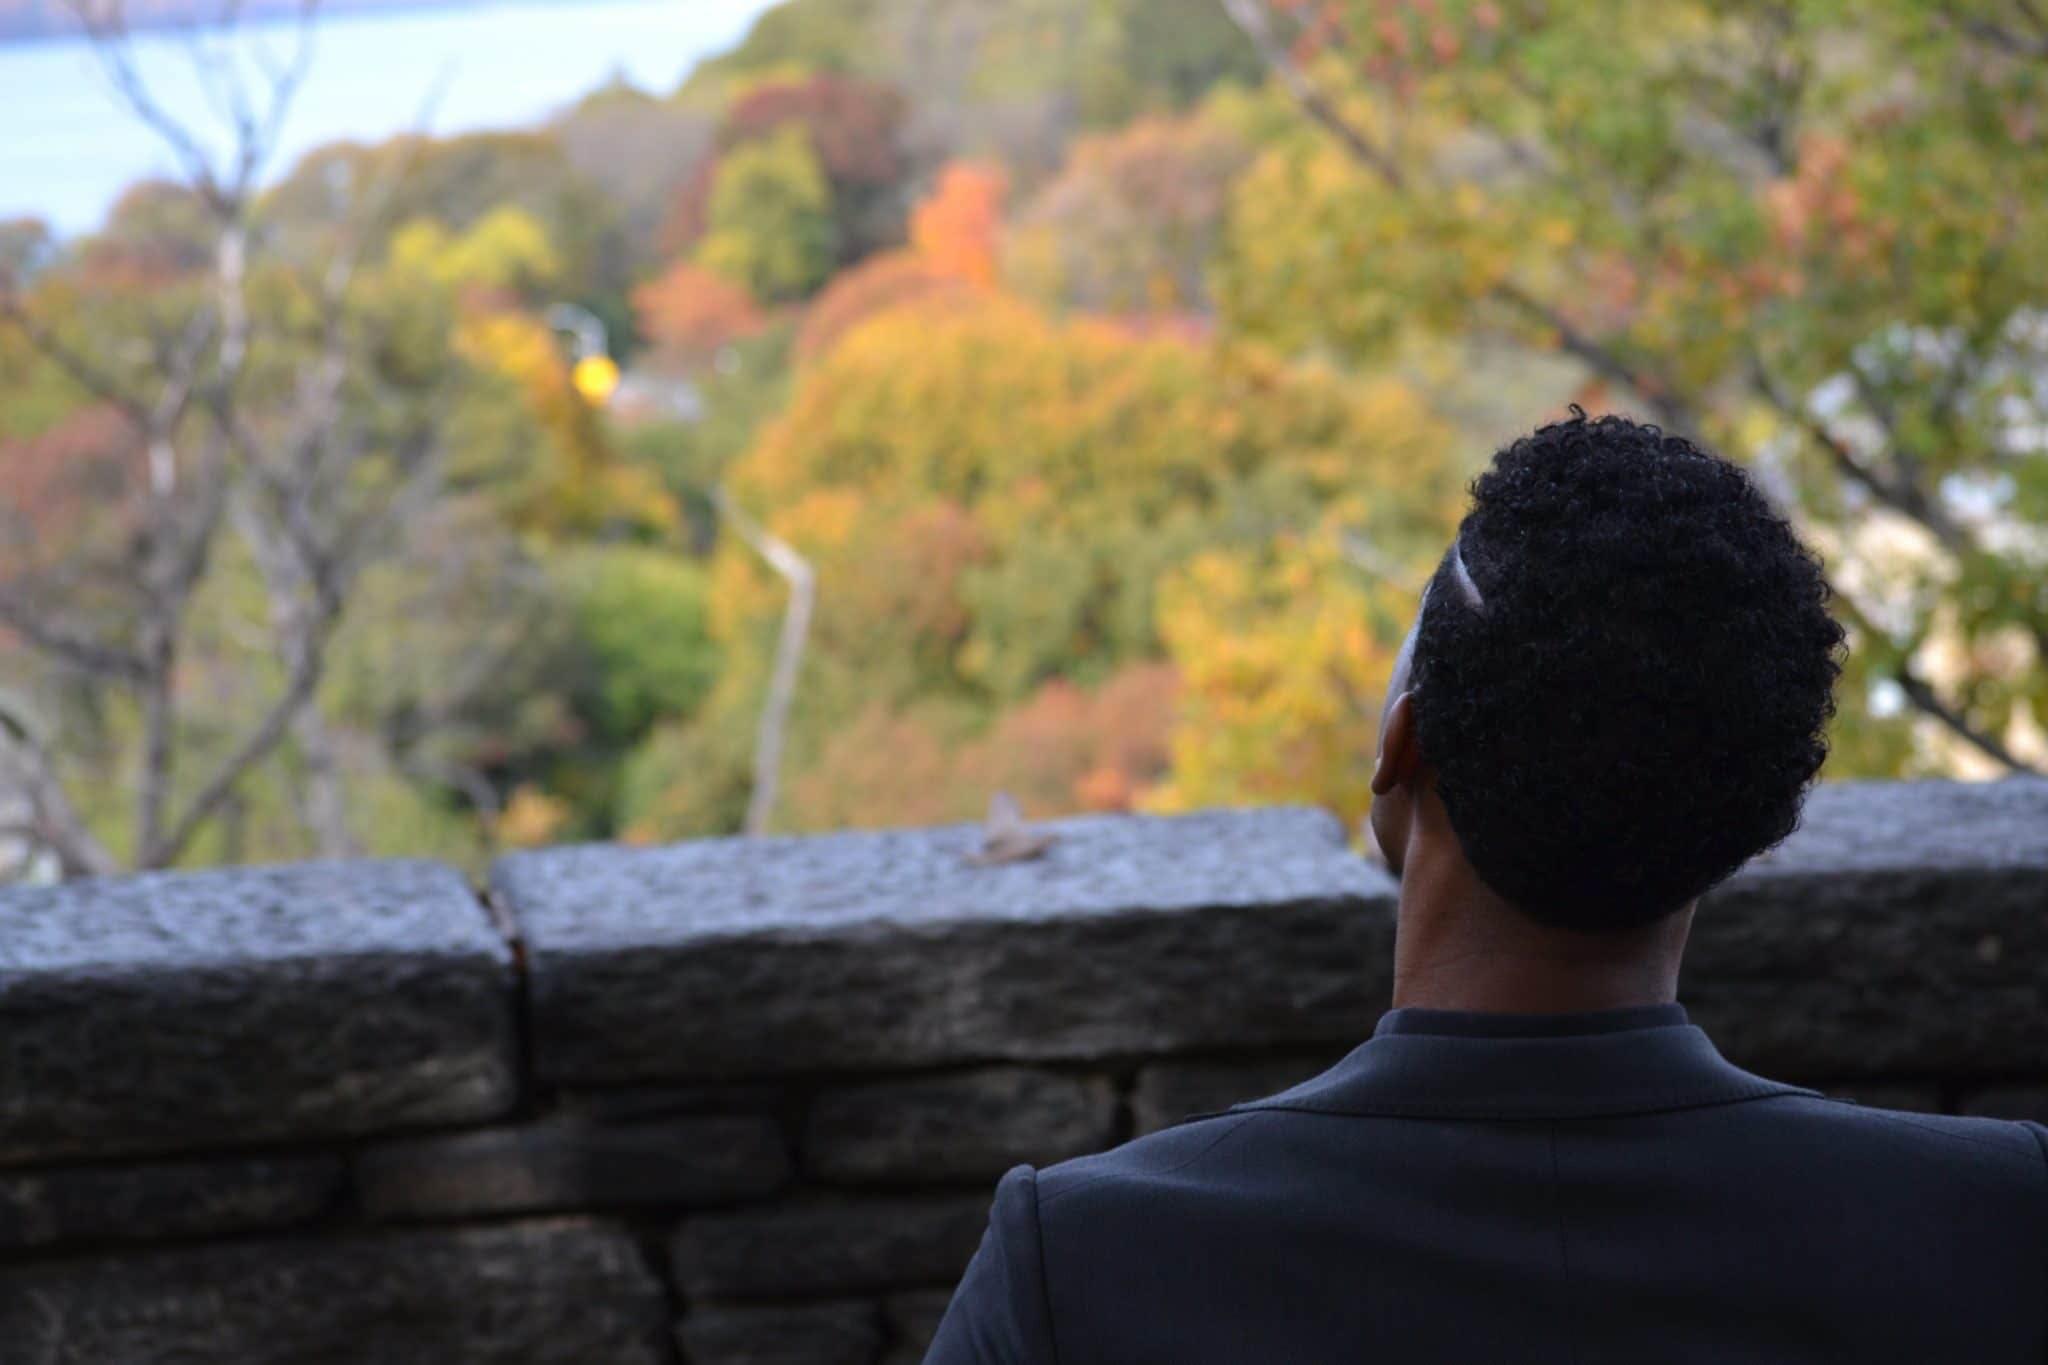 Kostenloses Stock Foto zu bäume, draußen, erwachsener, herbst